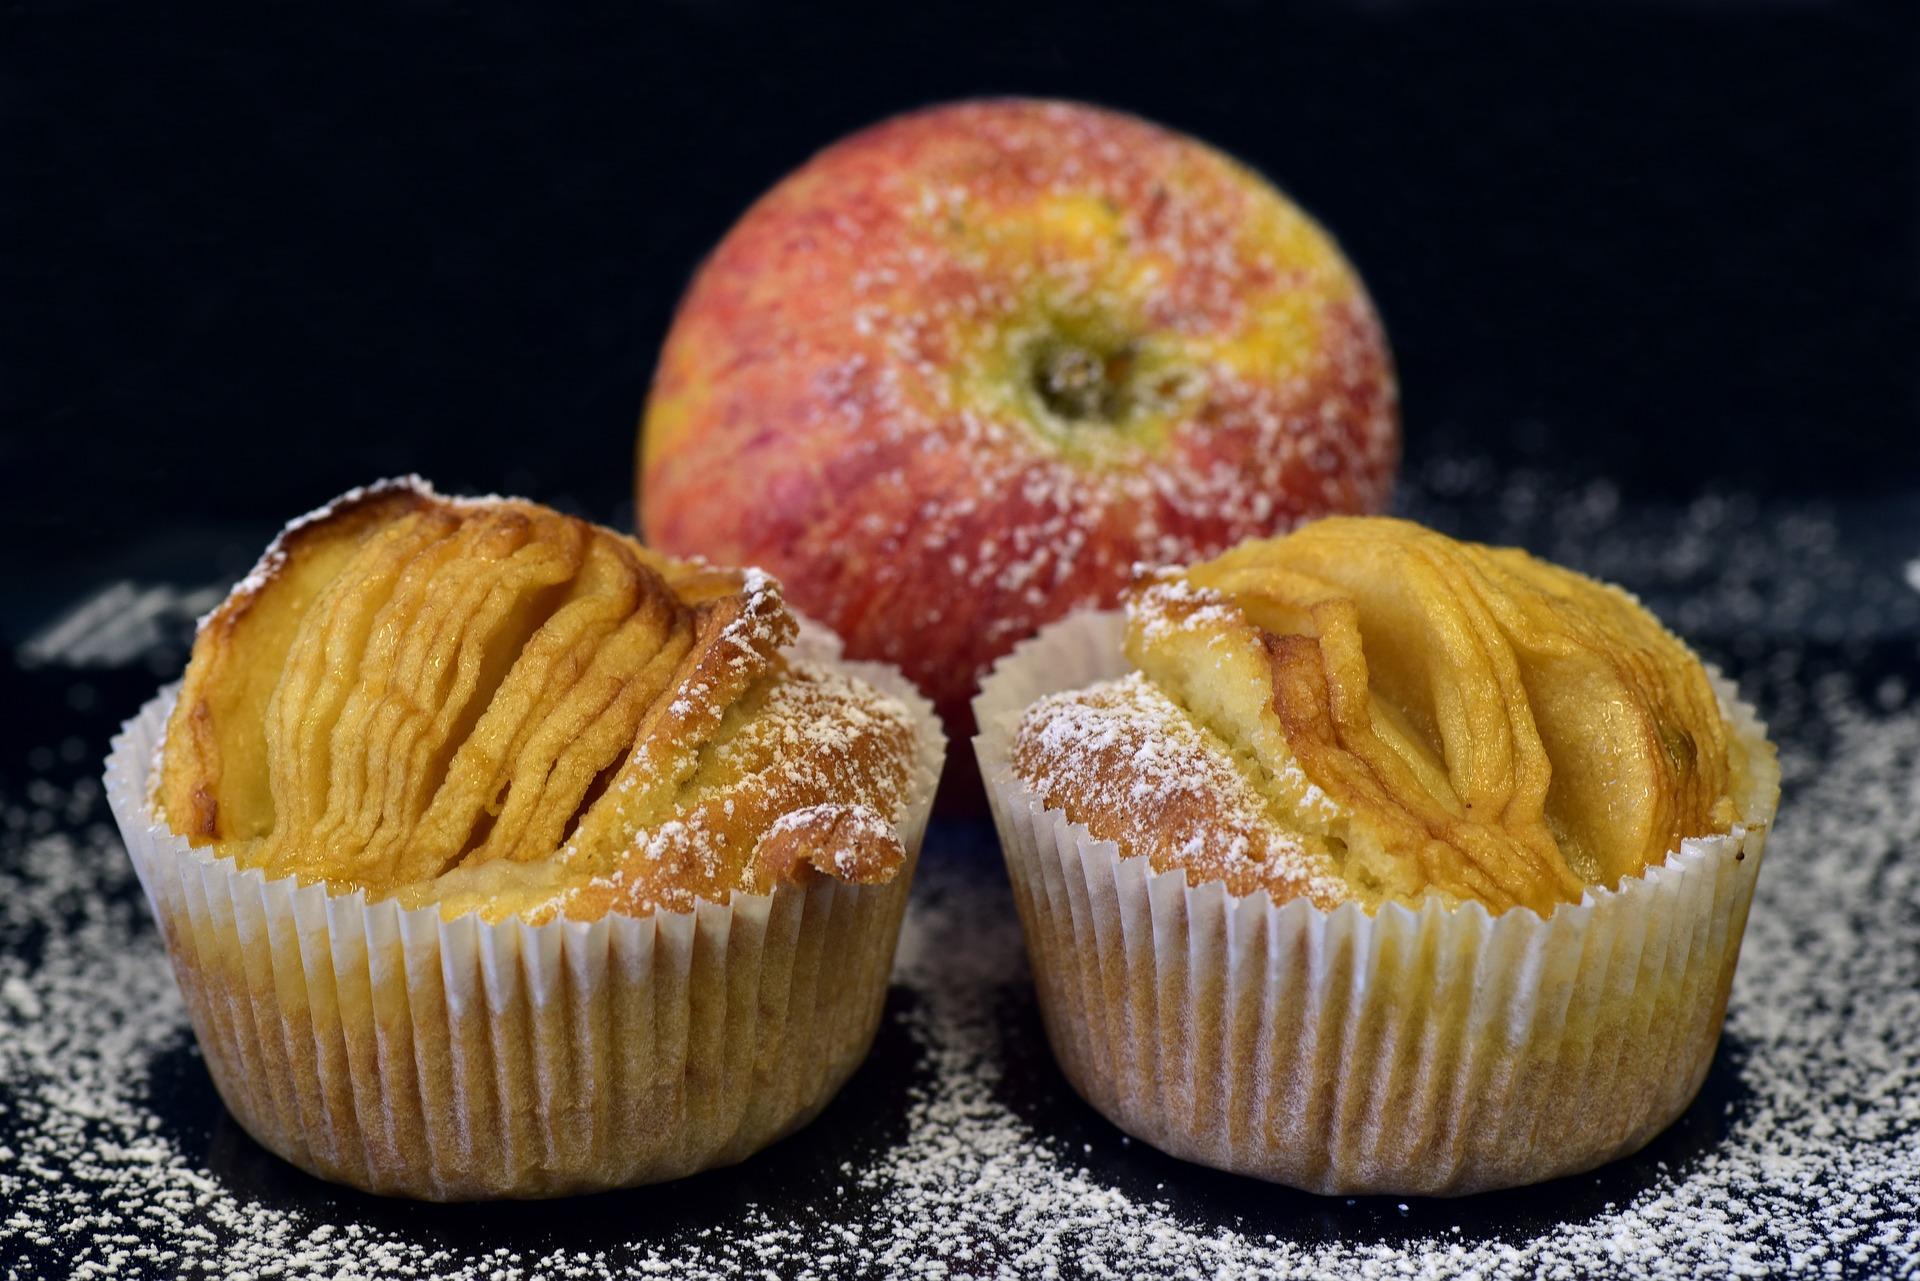 りんご 加熱 糖質 高くなる